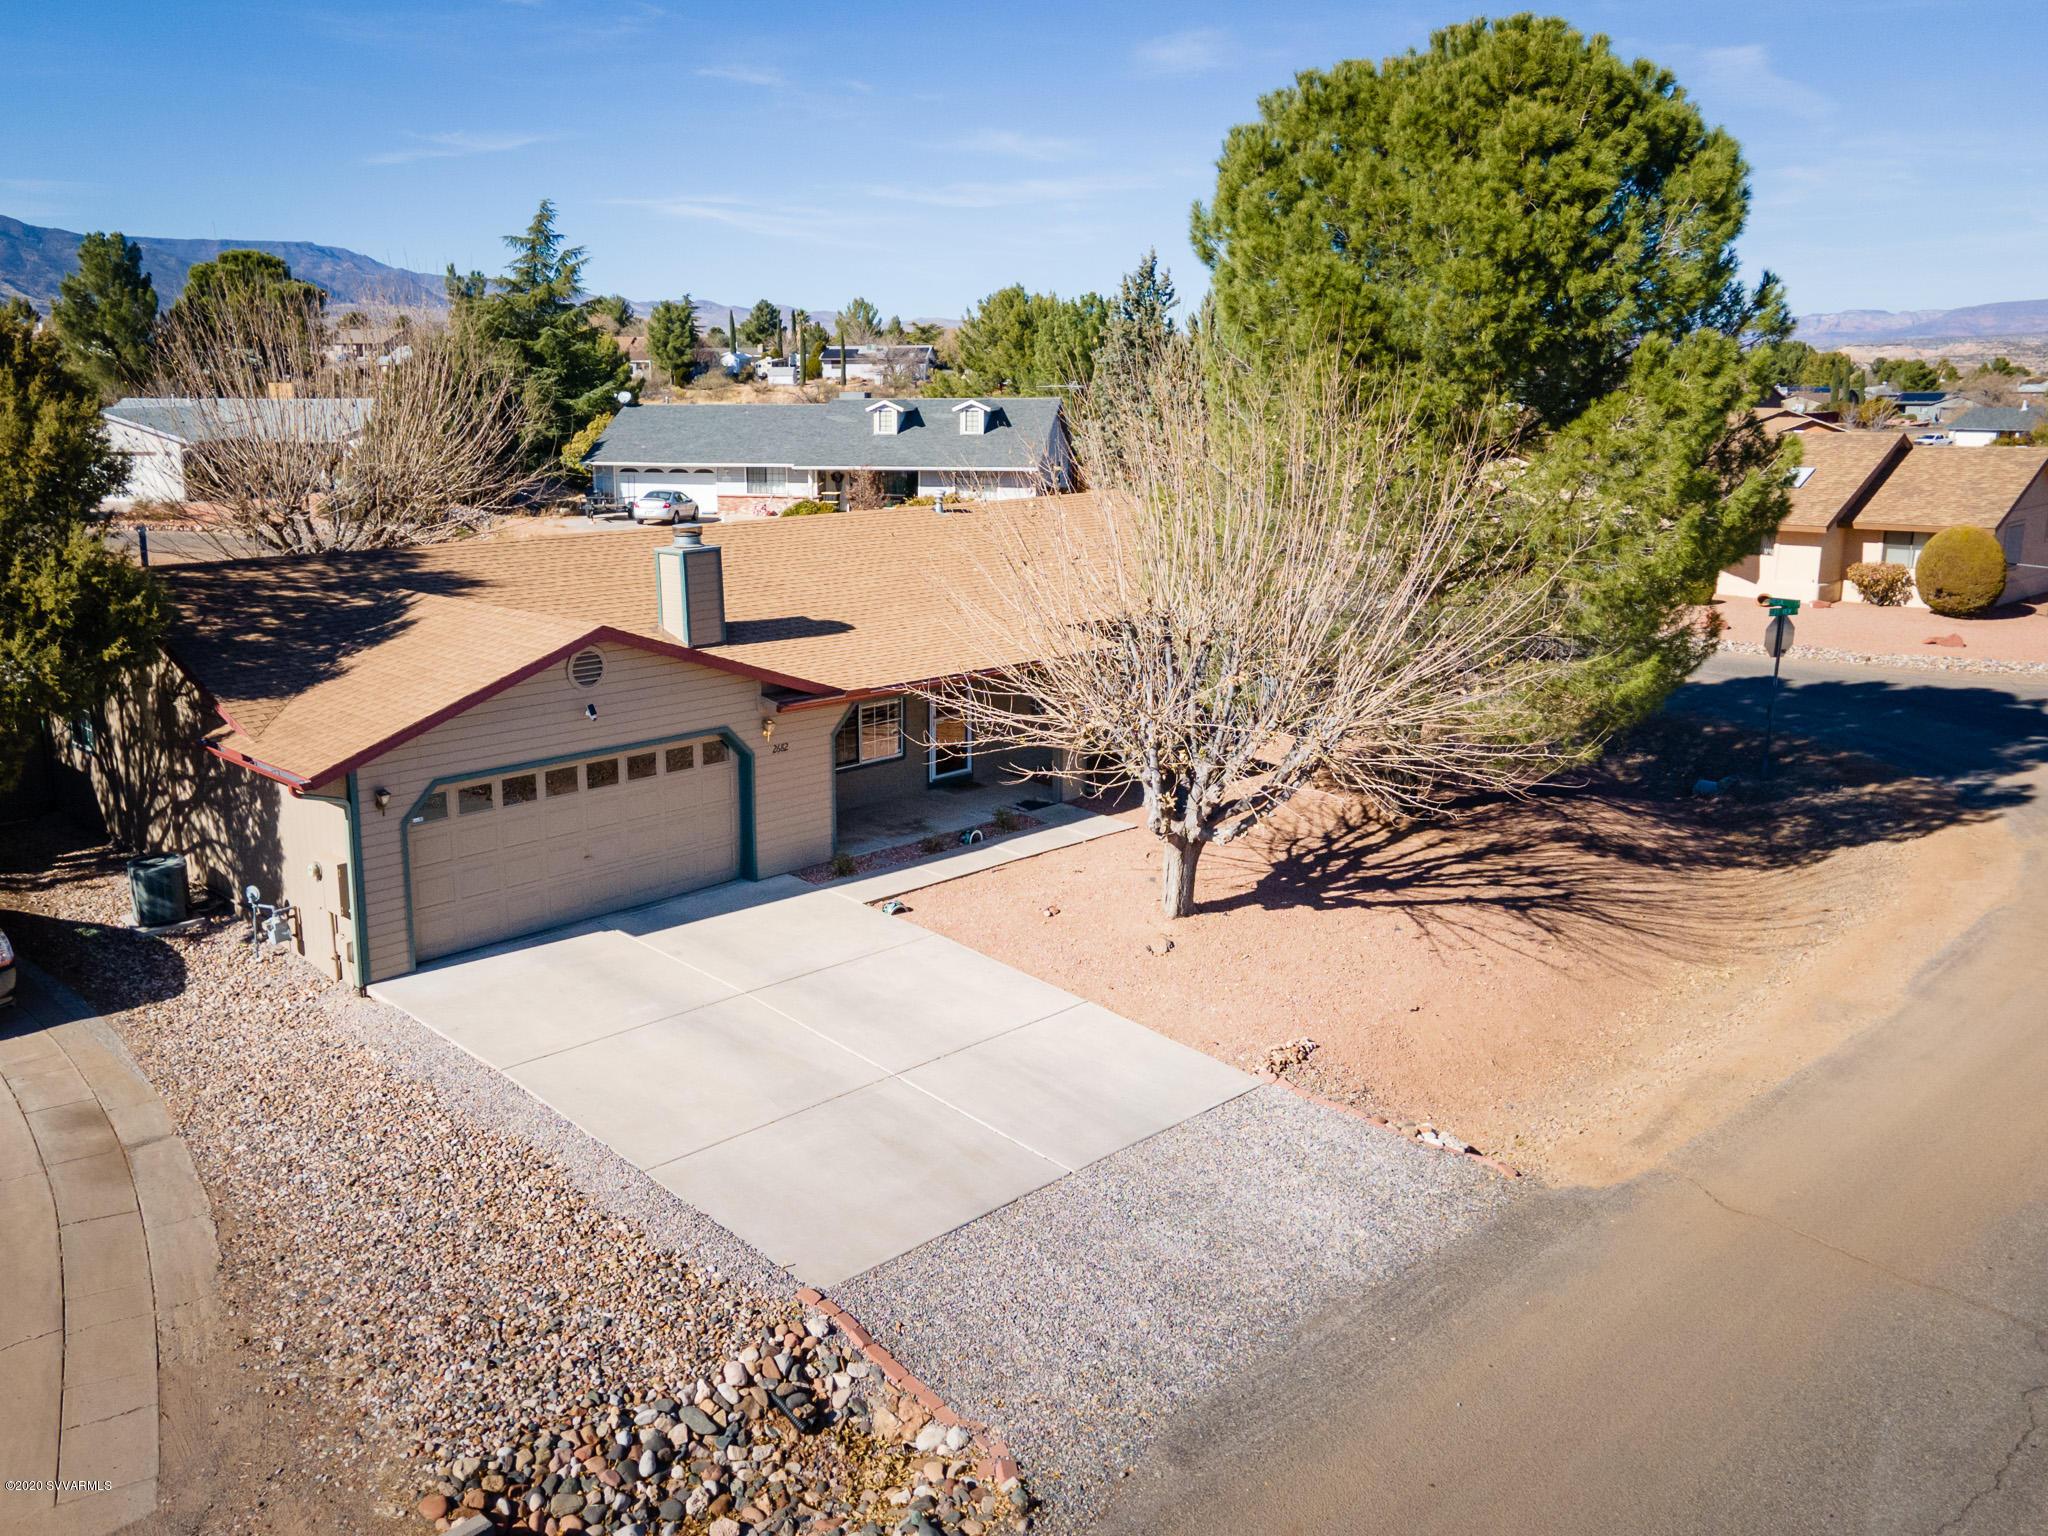 2682 S Cliff View Drive Cottonwood, AZ 86326